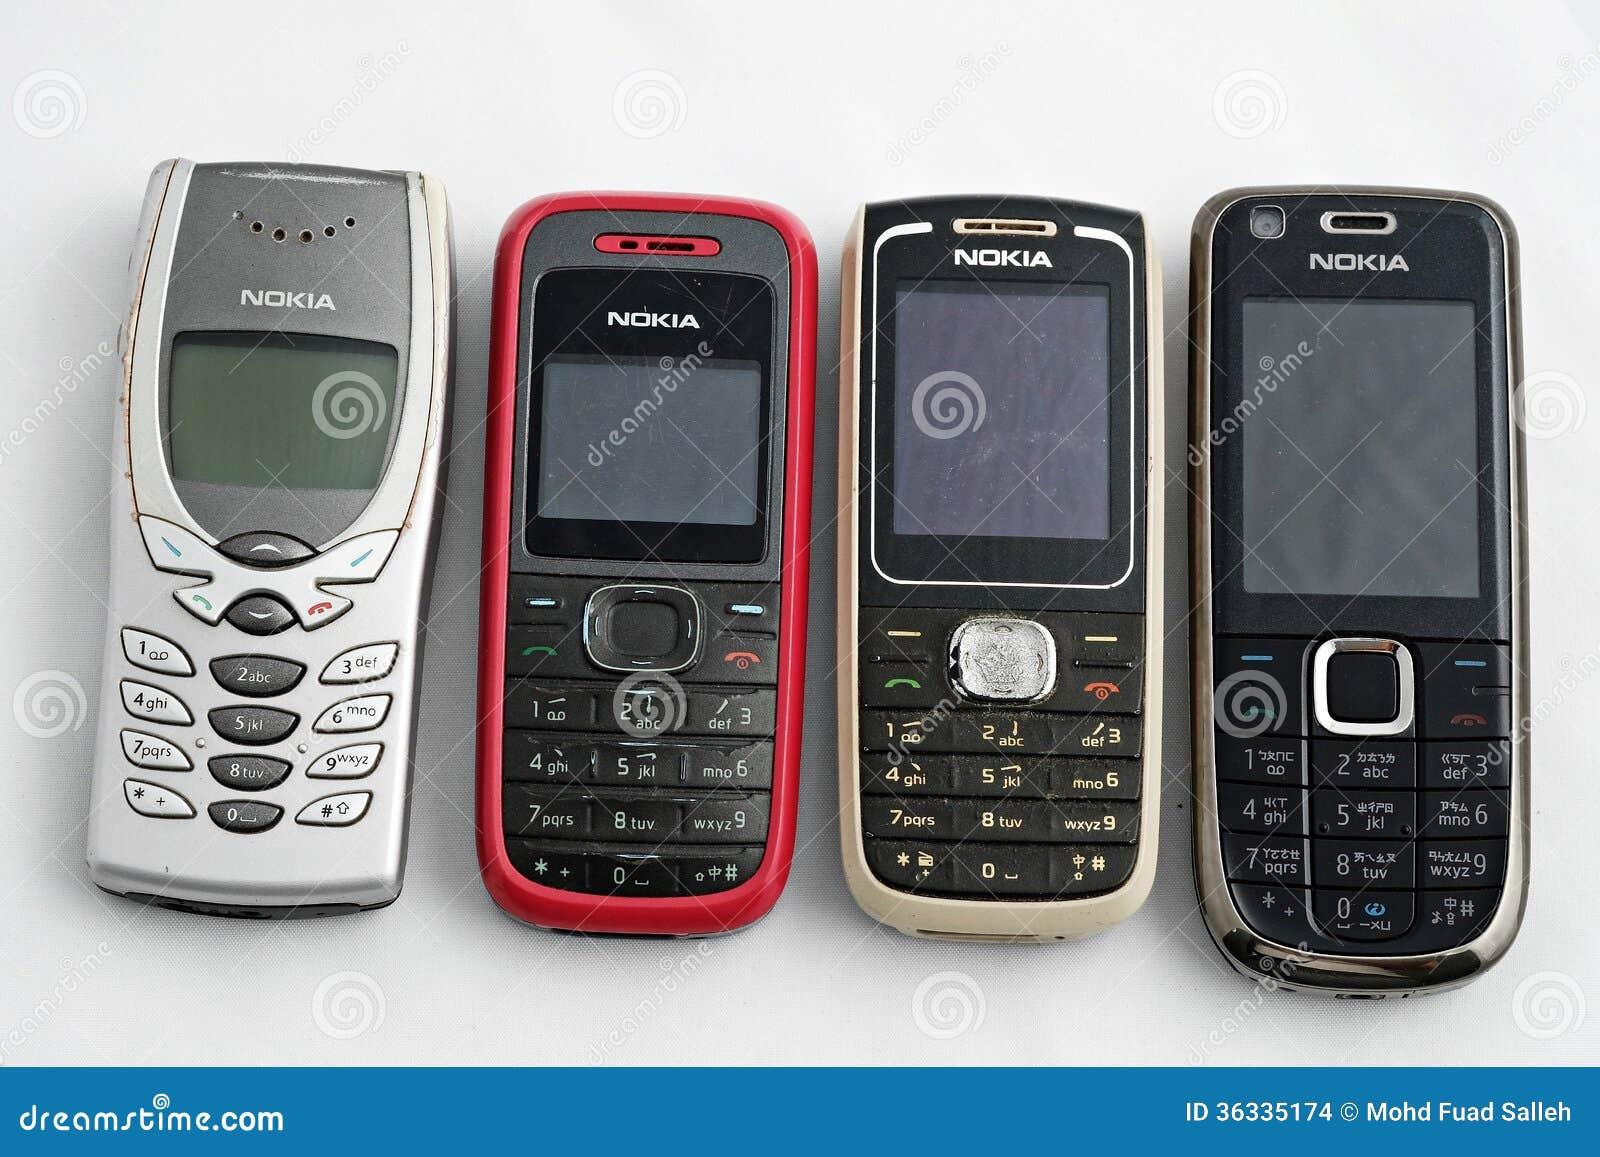 mötesplatsen mobil logga in gratis bilder